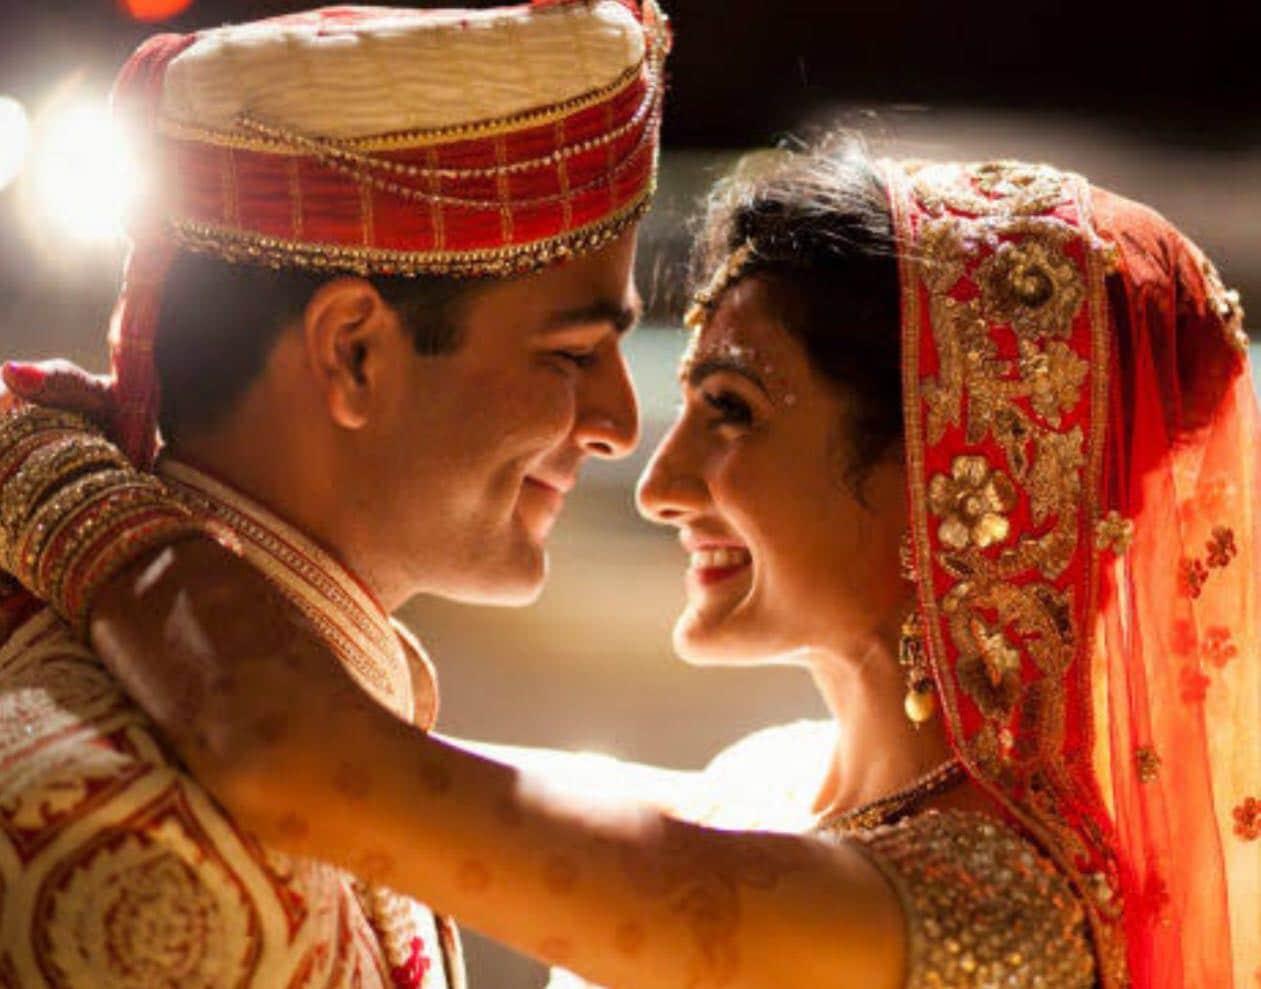 Top Marriage Brokers in Mysore - Best Re Marriage Brokers Mysore